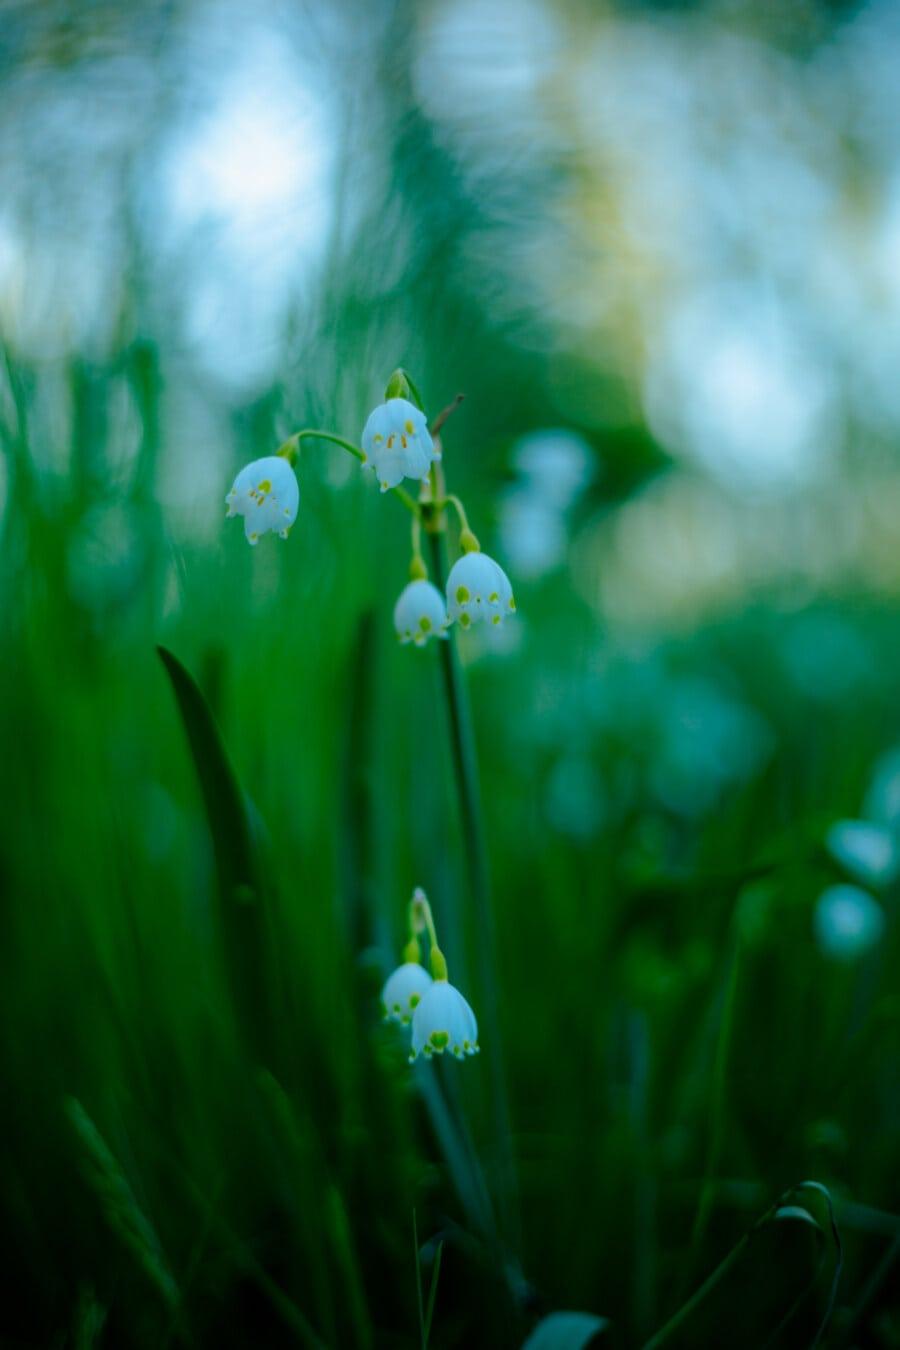 fleur blanche, printemps beauté, printemps, printemps, soleil, jardin, nature, plante, fleur, herbe